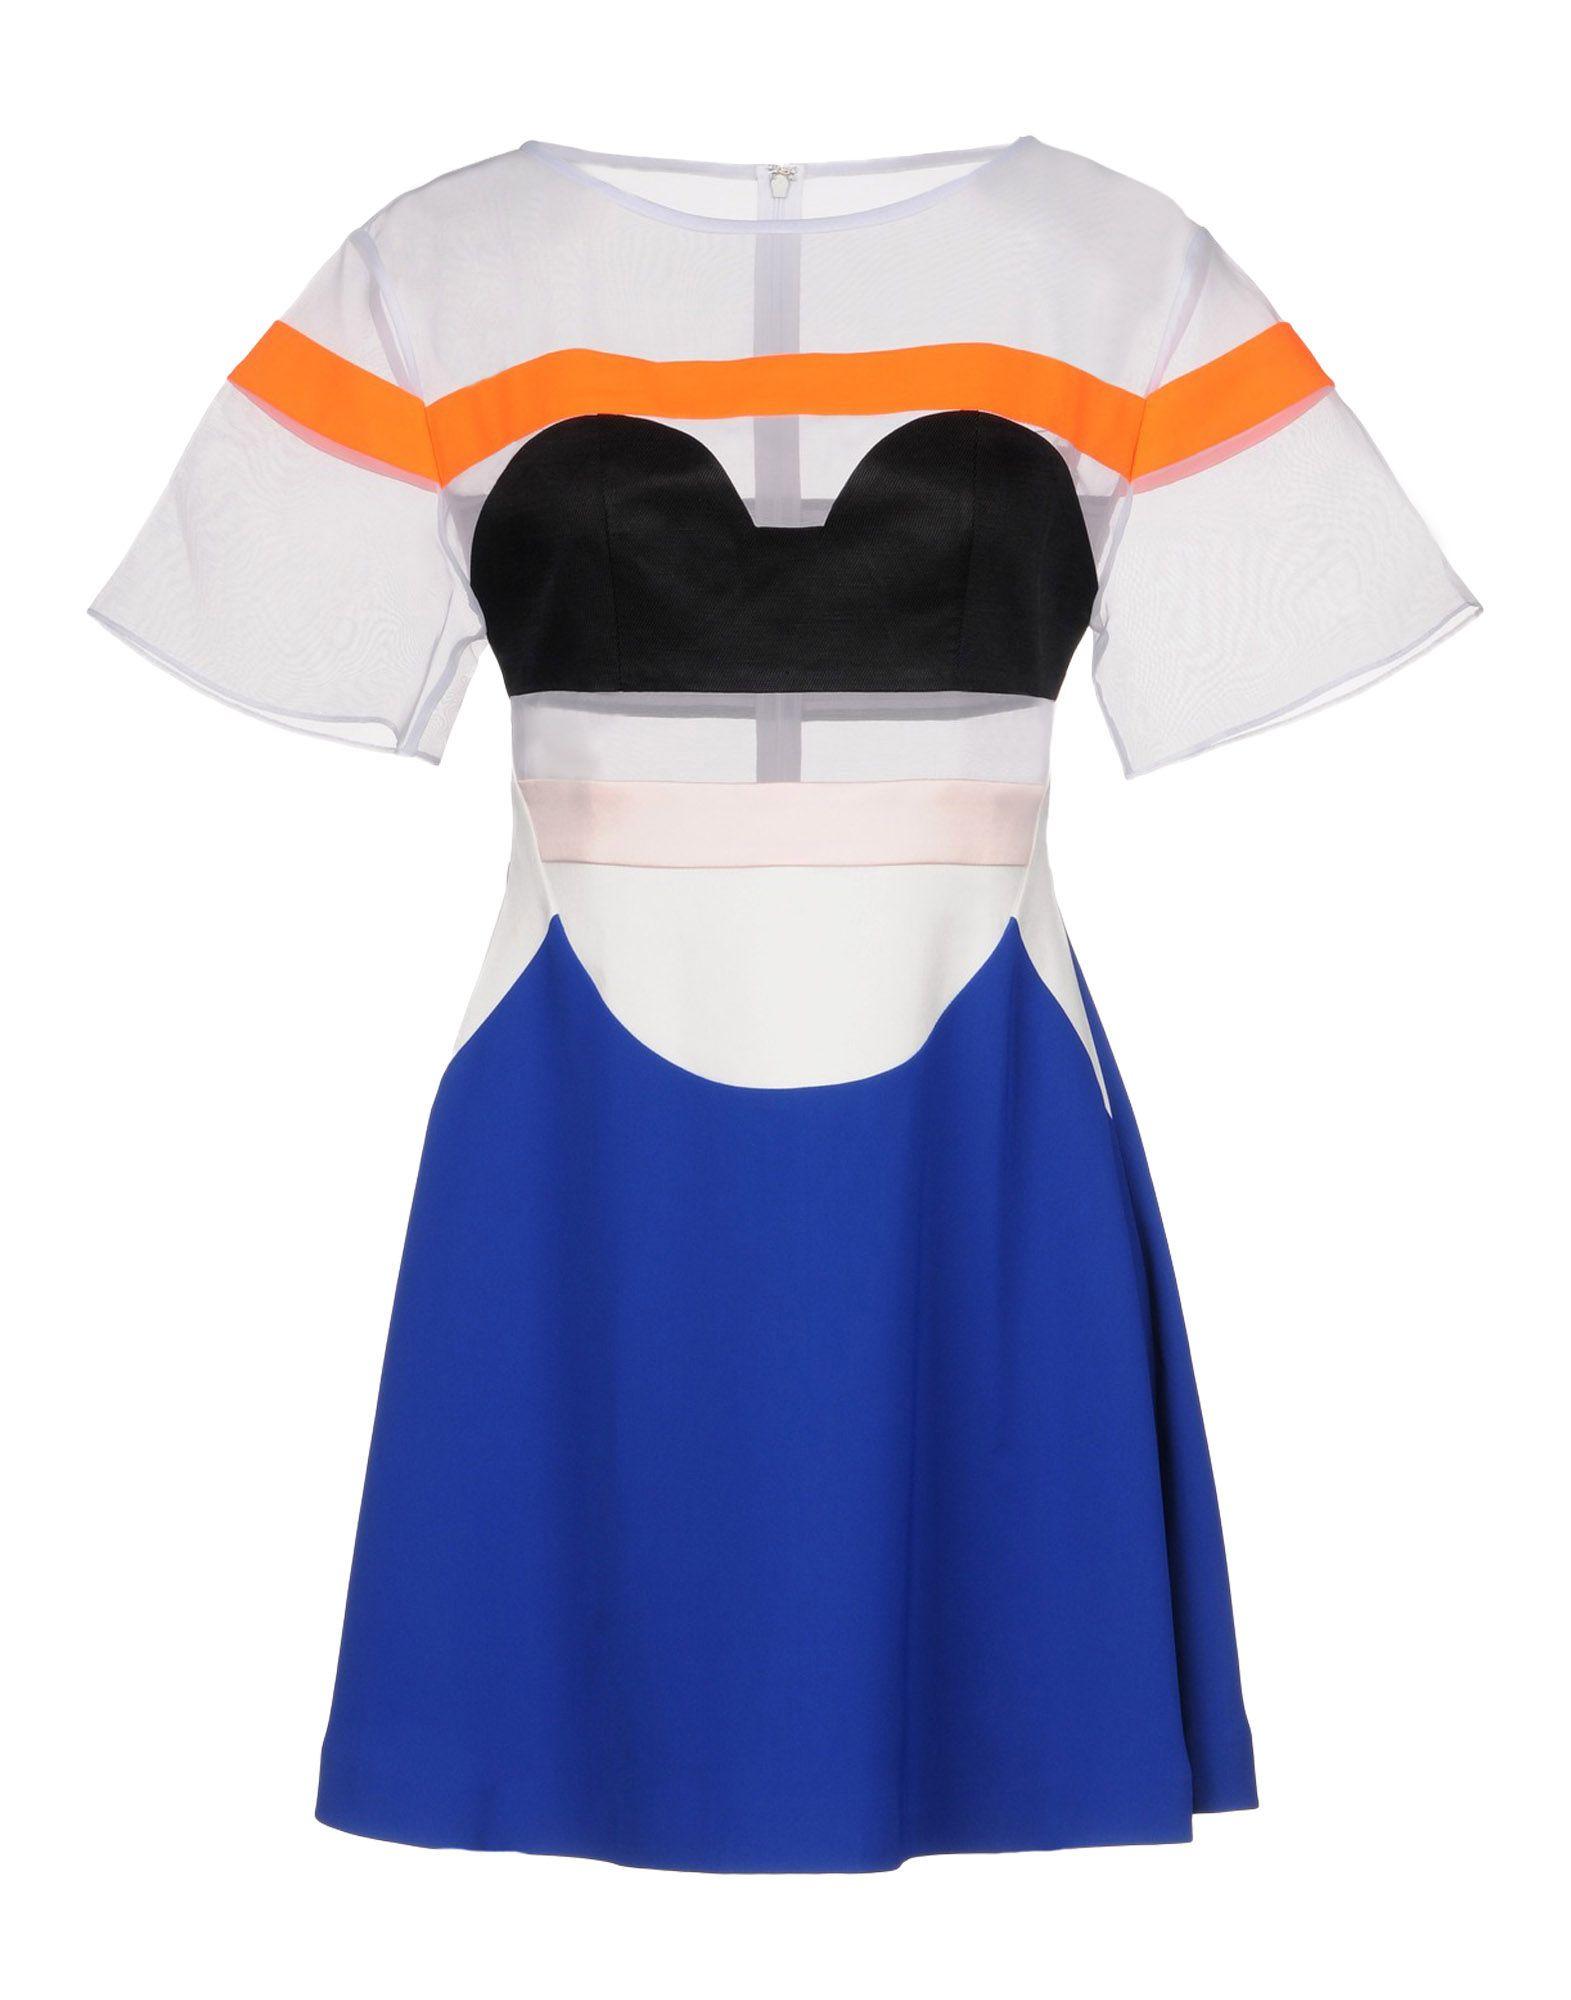 KAAL E.SUKTAE Short Dress in White